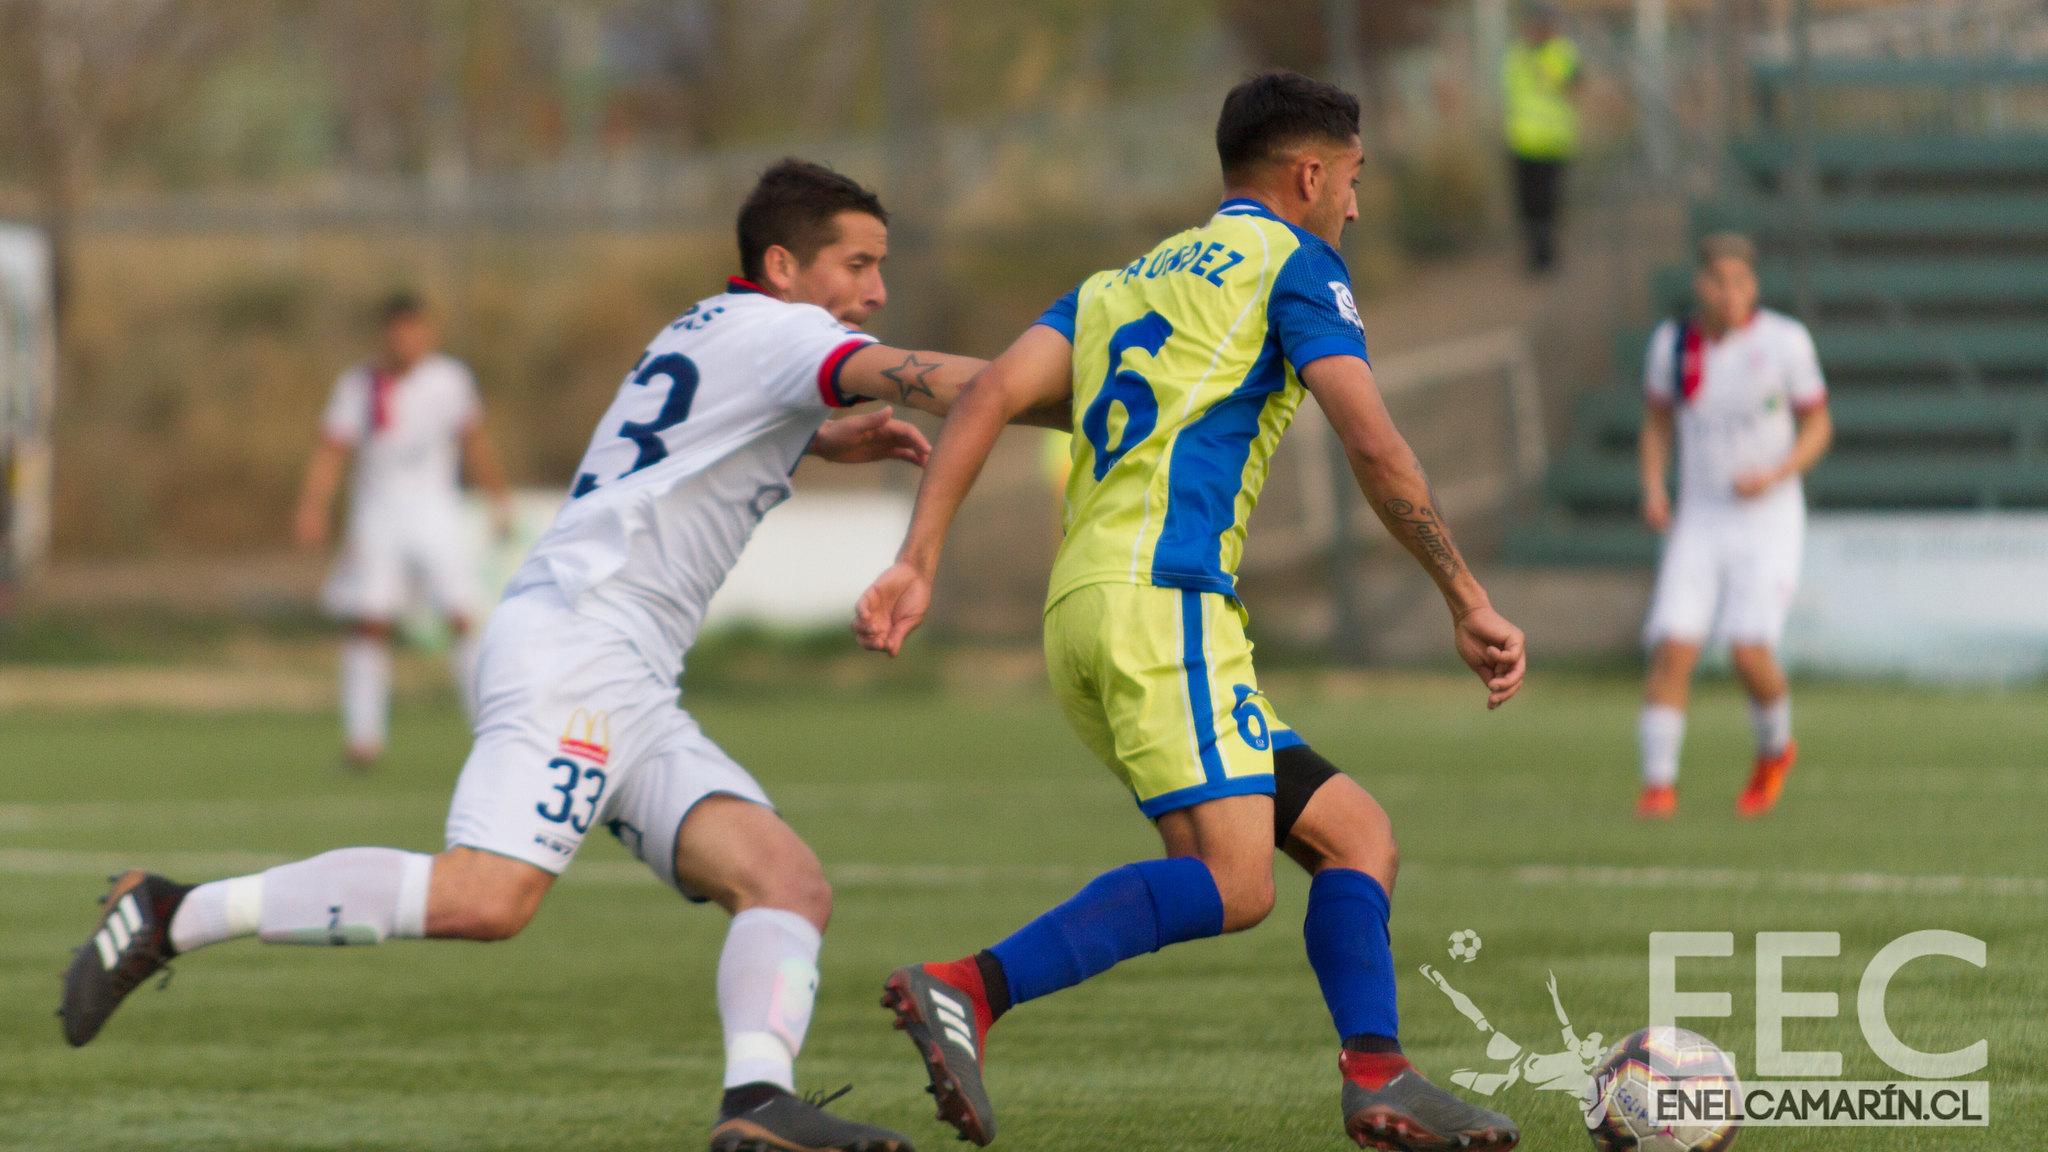 Galeria de fotos: Deportes Colina vs Iberia